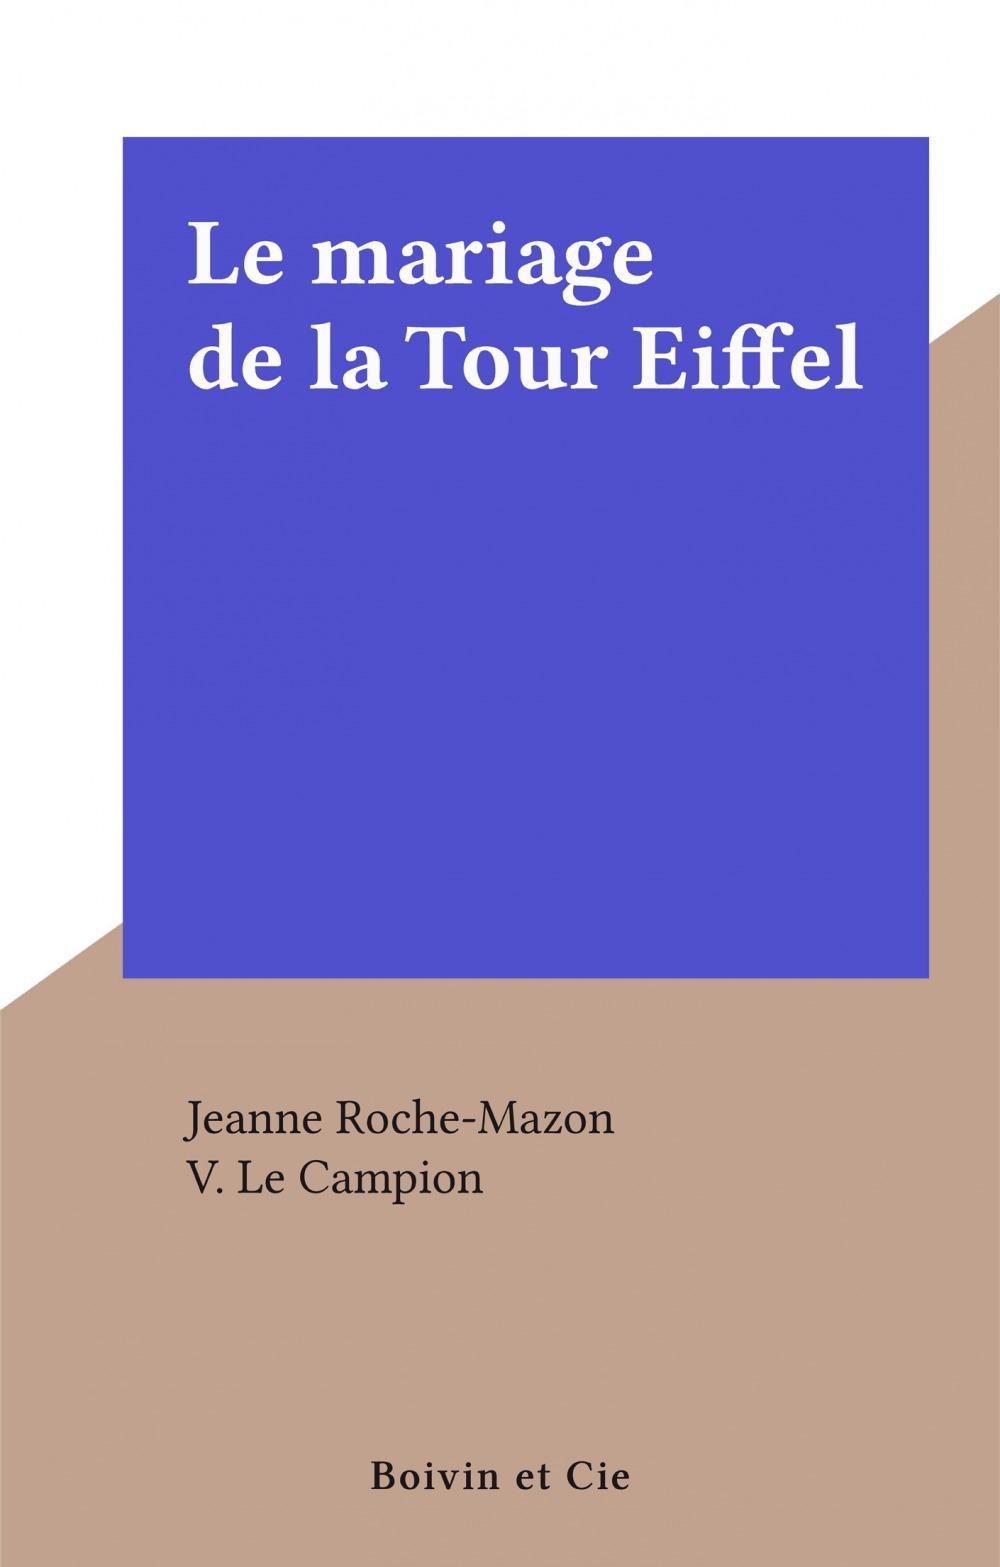 Le mariage de la Tour Eiffel